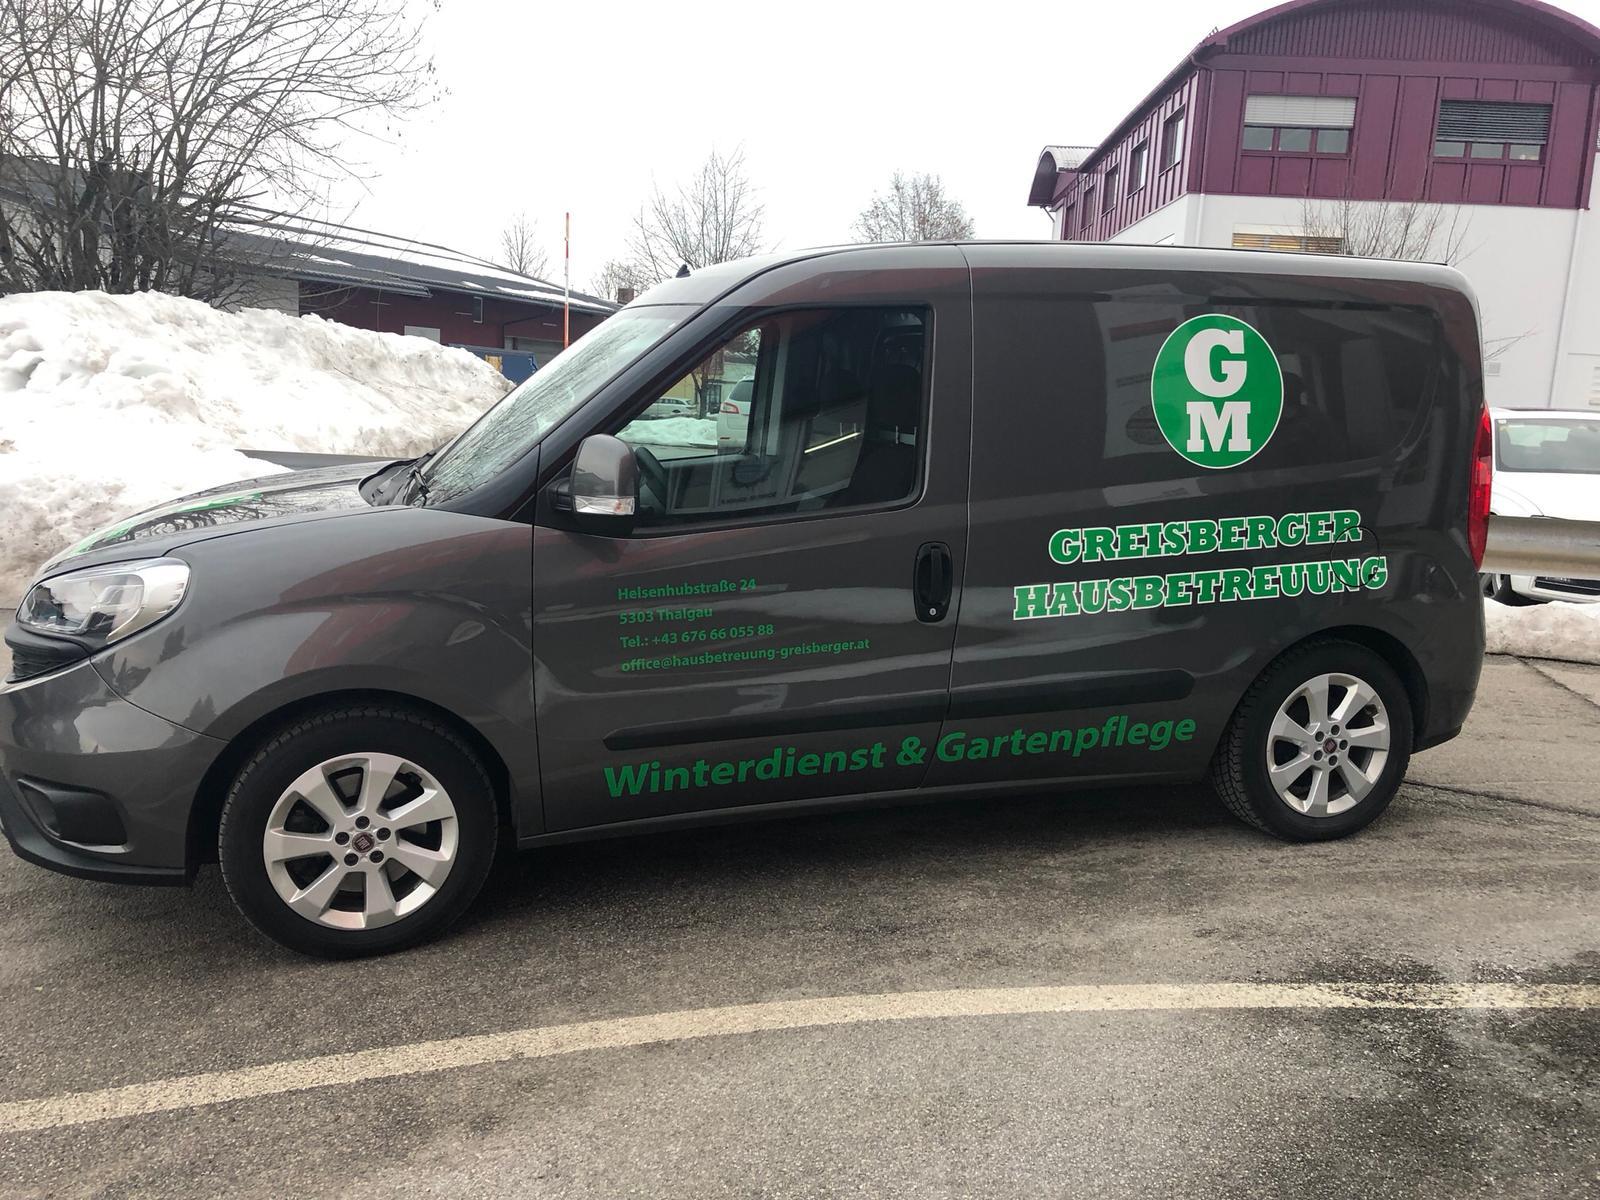 Greisberger  Hausbetreuung/Winterdienst